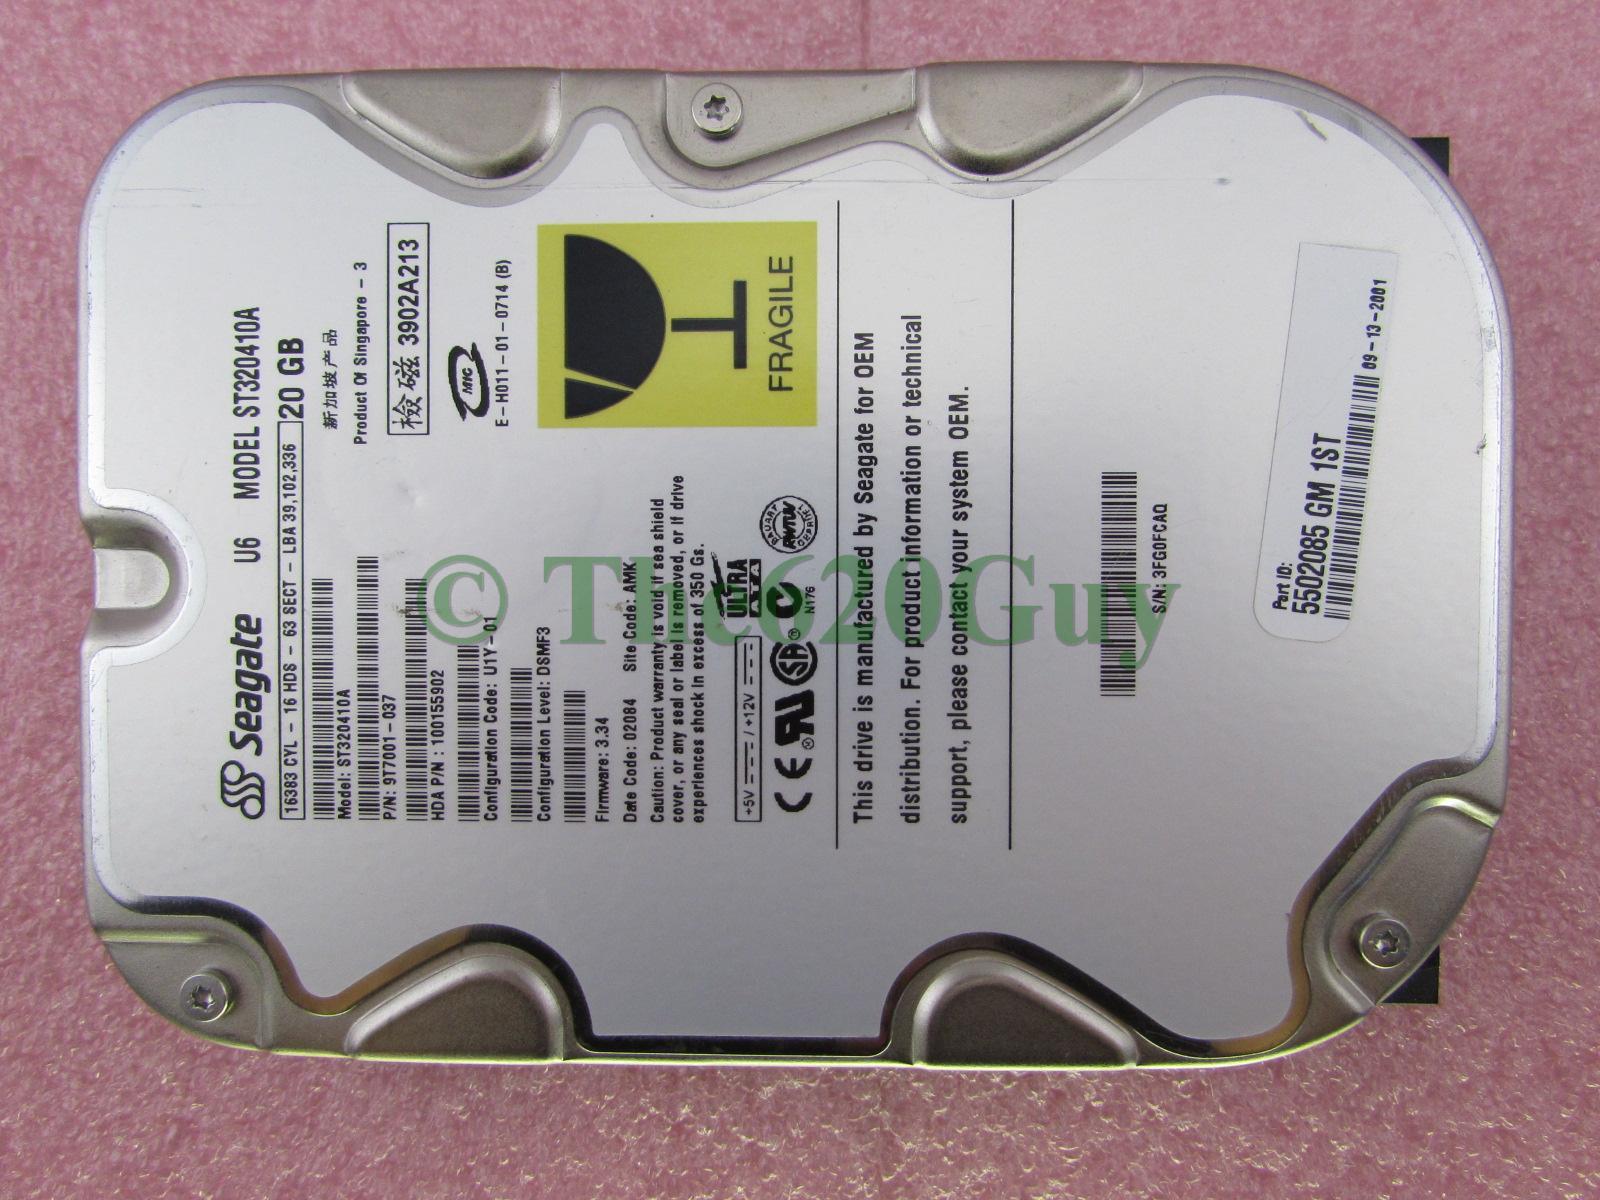 Seagate ST320410A U6 Series 20GB 5400RPM 2MB IDE Hard Drive